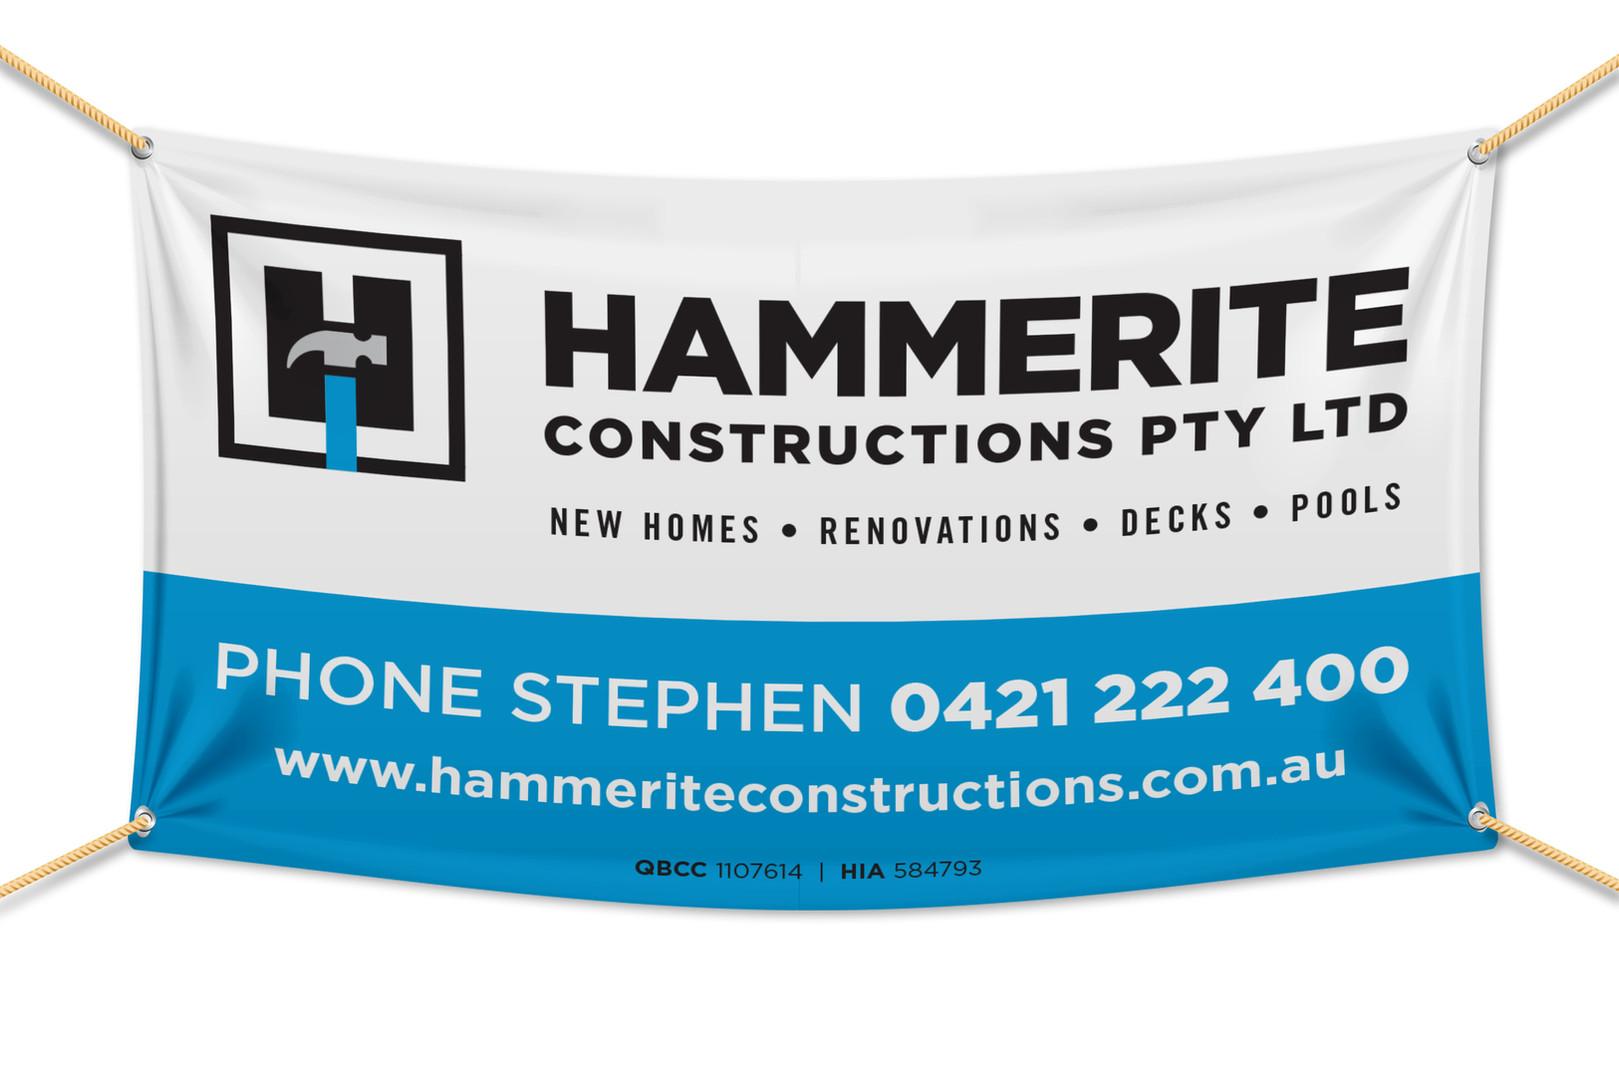 Hammerite_banner_mockup.jpg